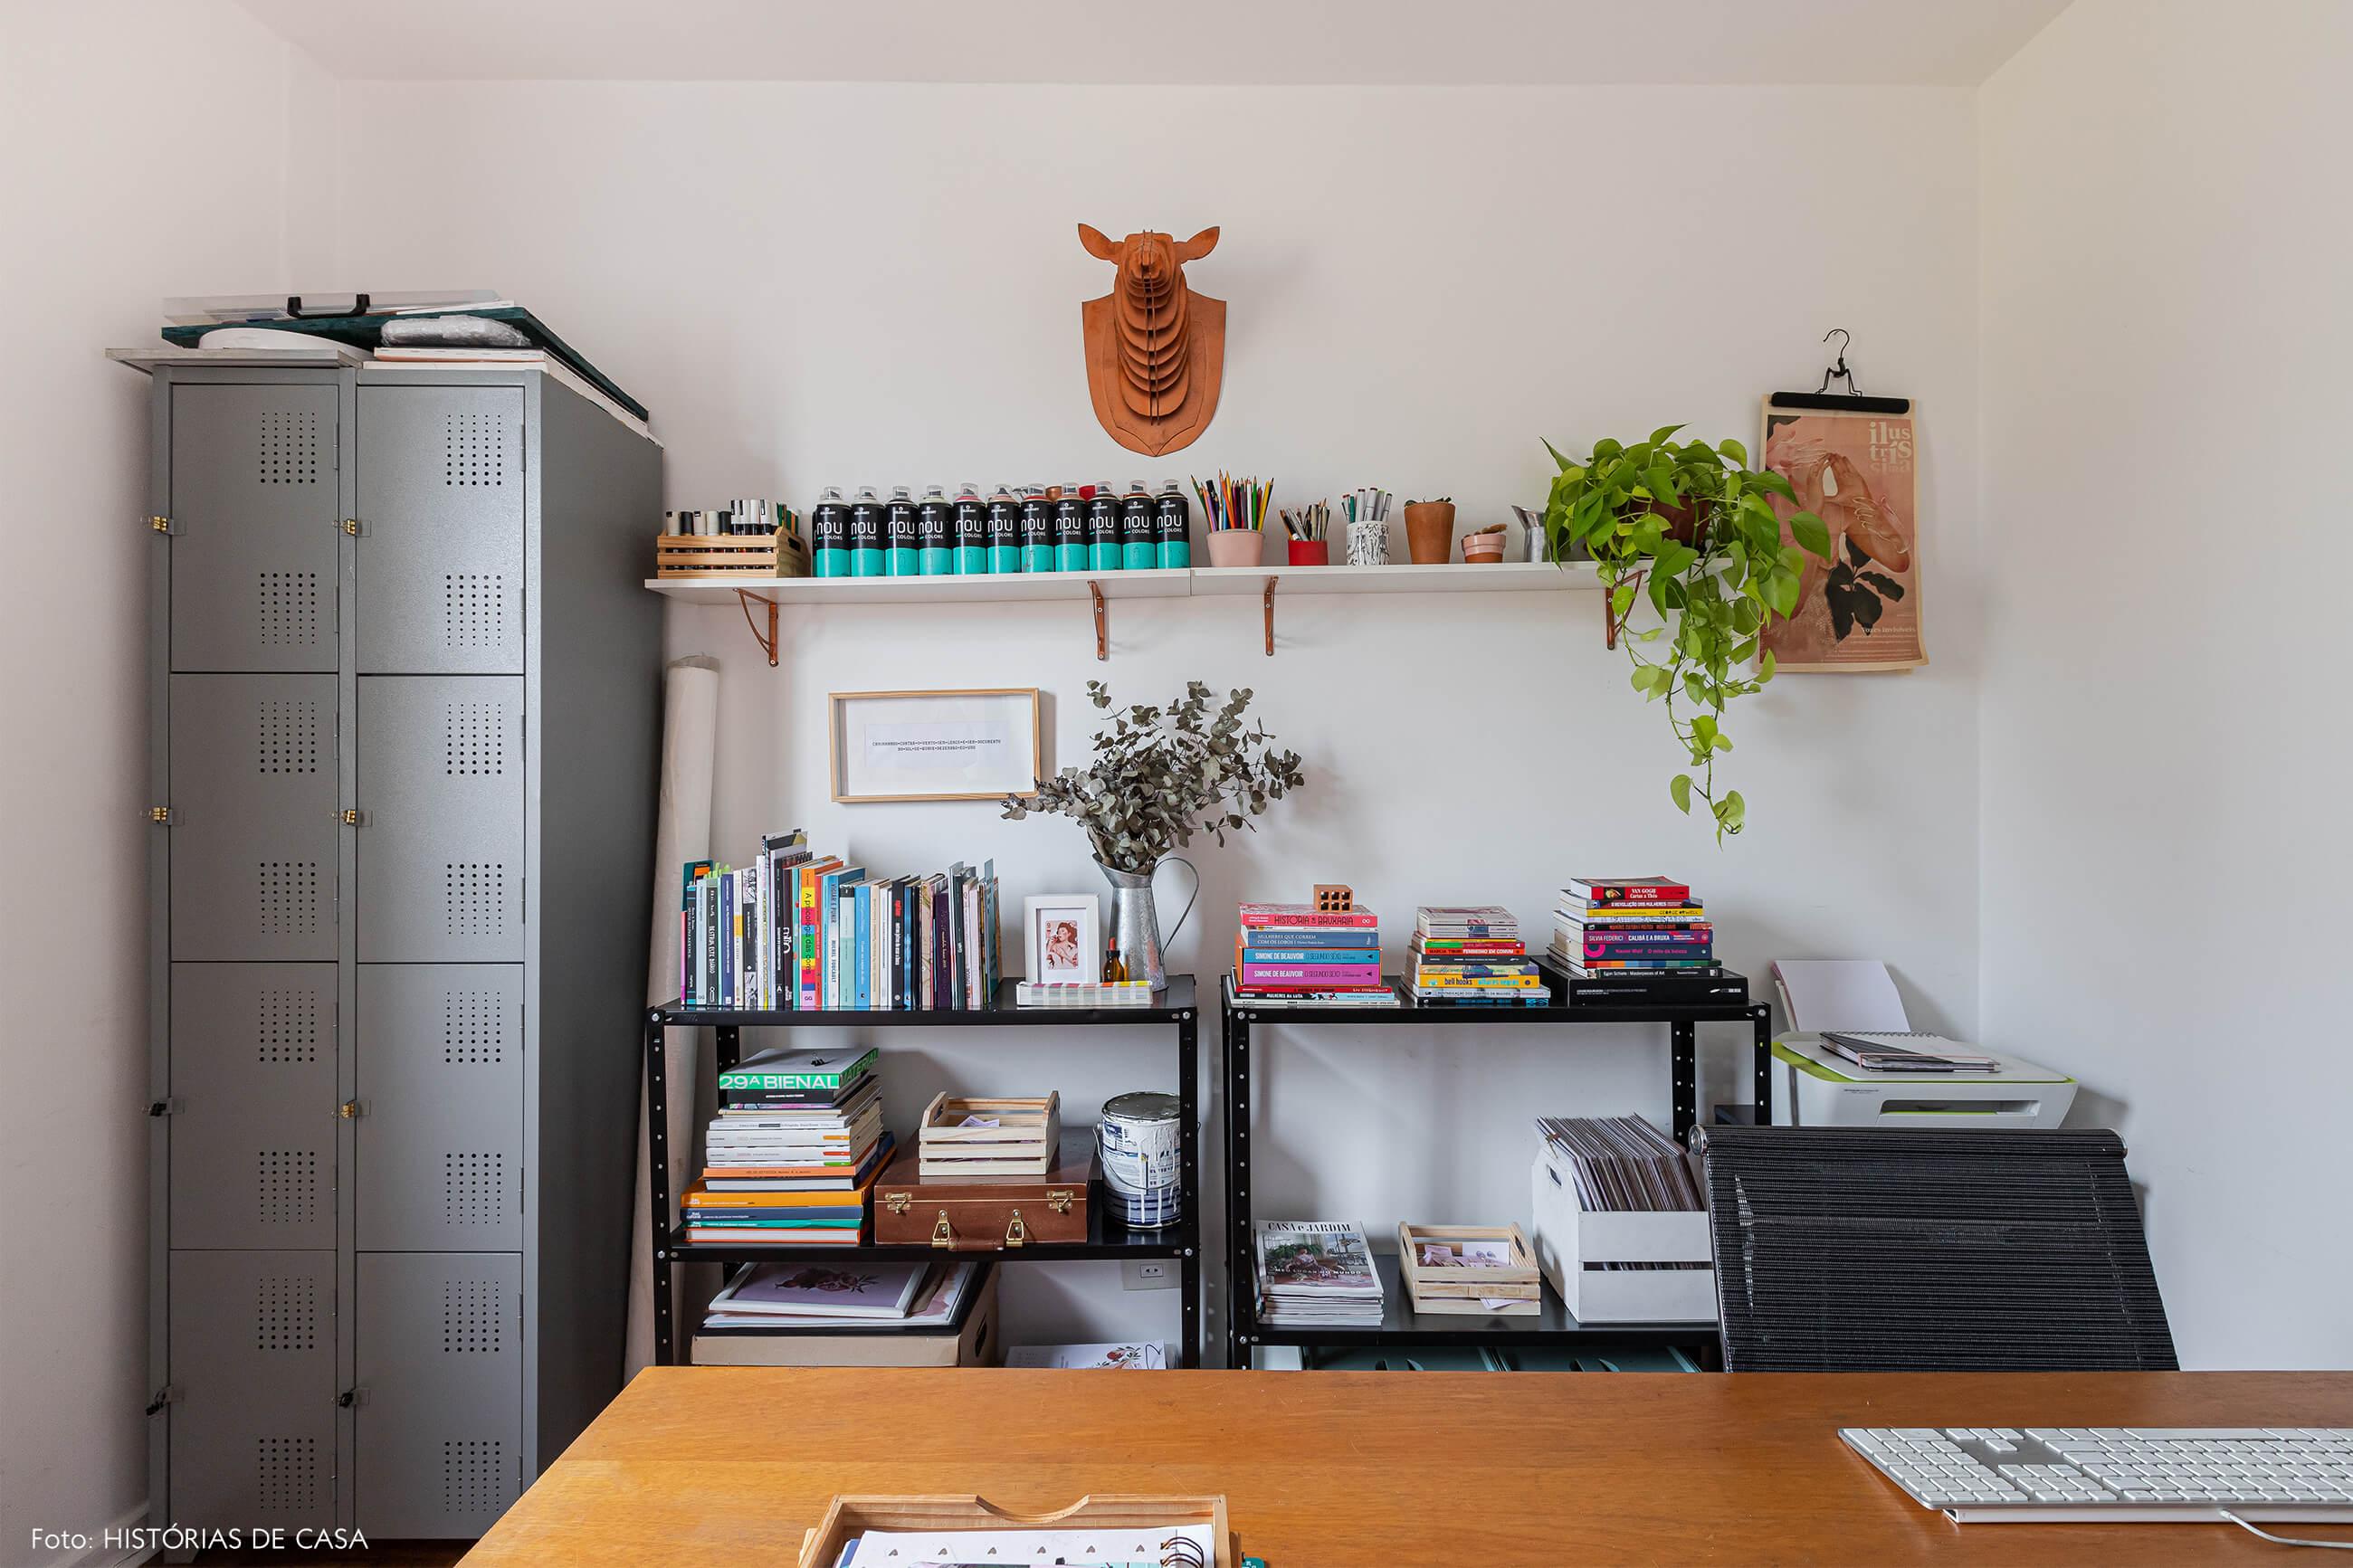 home-office-com-armarios-metal-e-cabeça-animal-na-parede